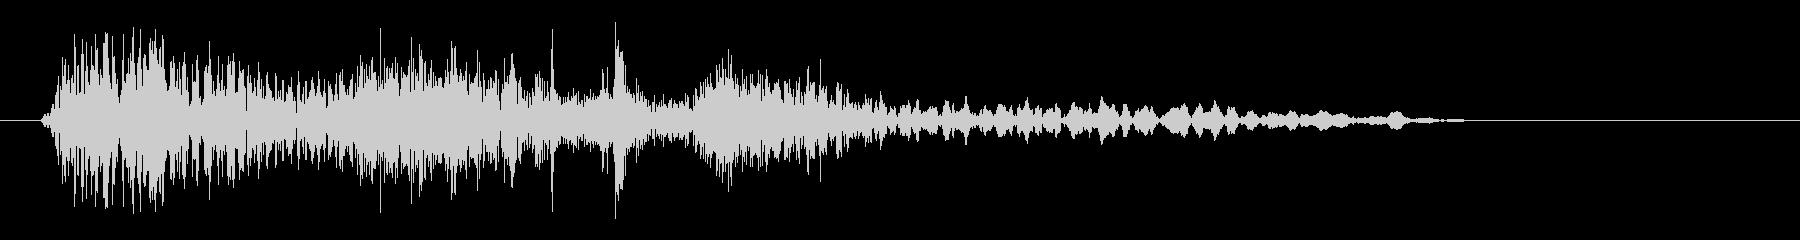 ビュヨン(弾のようなものが発射される音)の未再生の波形